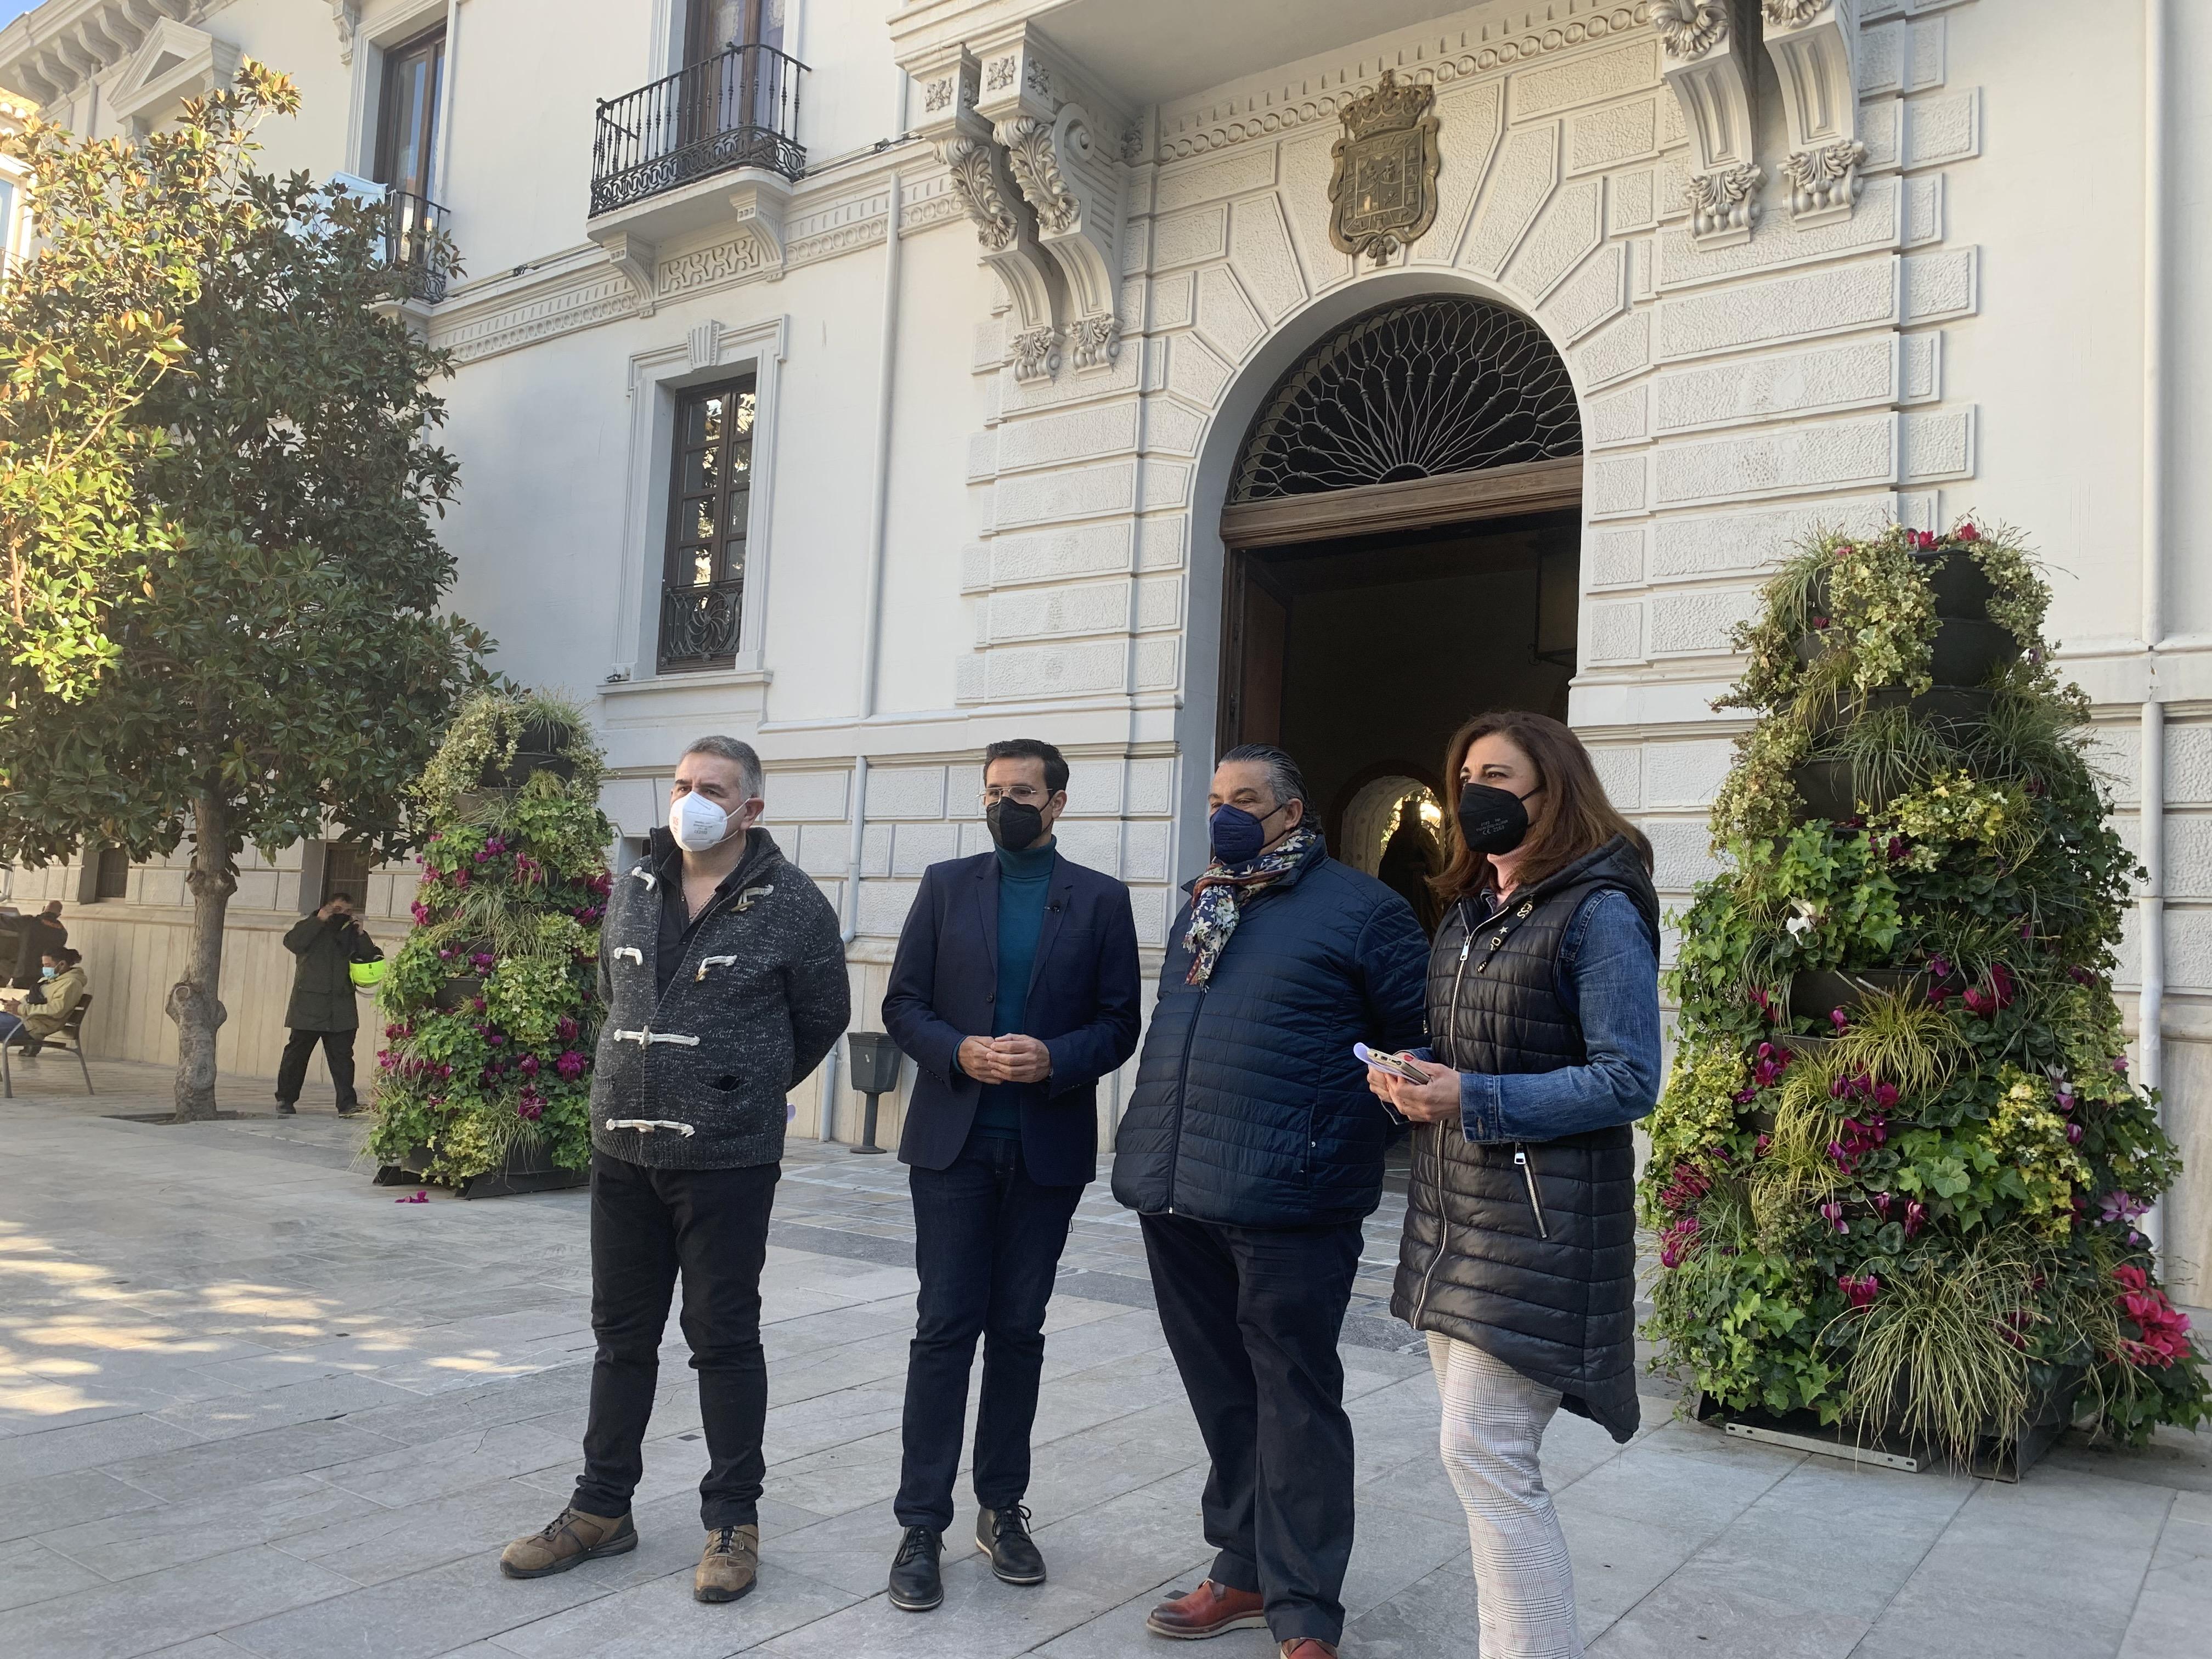 Cuenca recuerda a Moreno que el paquete de ayudas para Granada prometido hace meses no llega